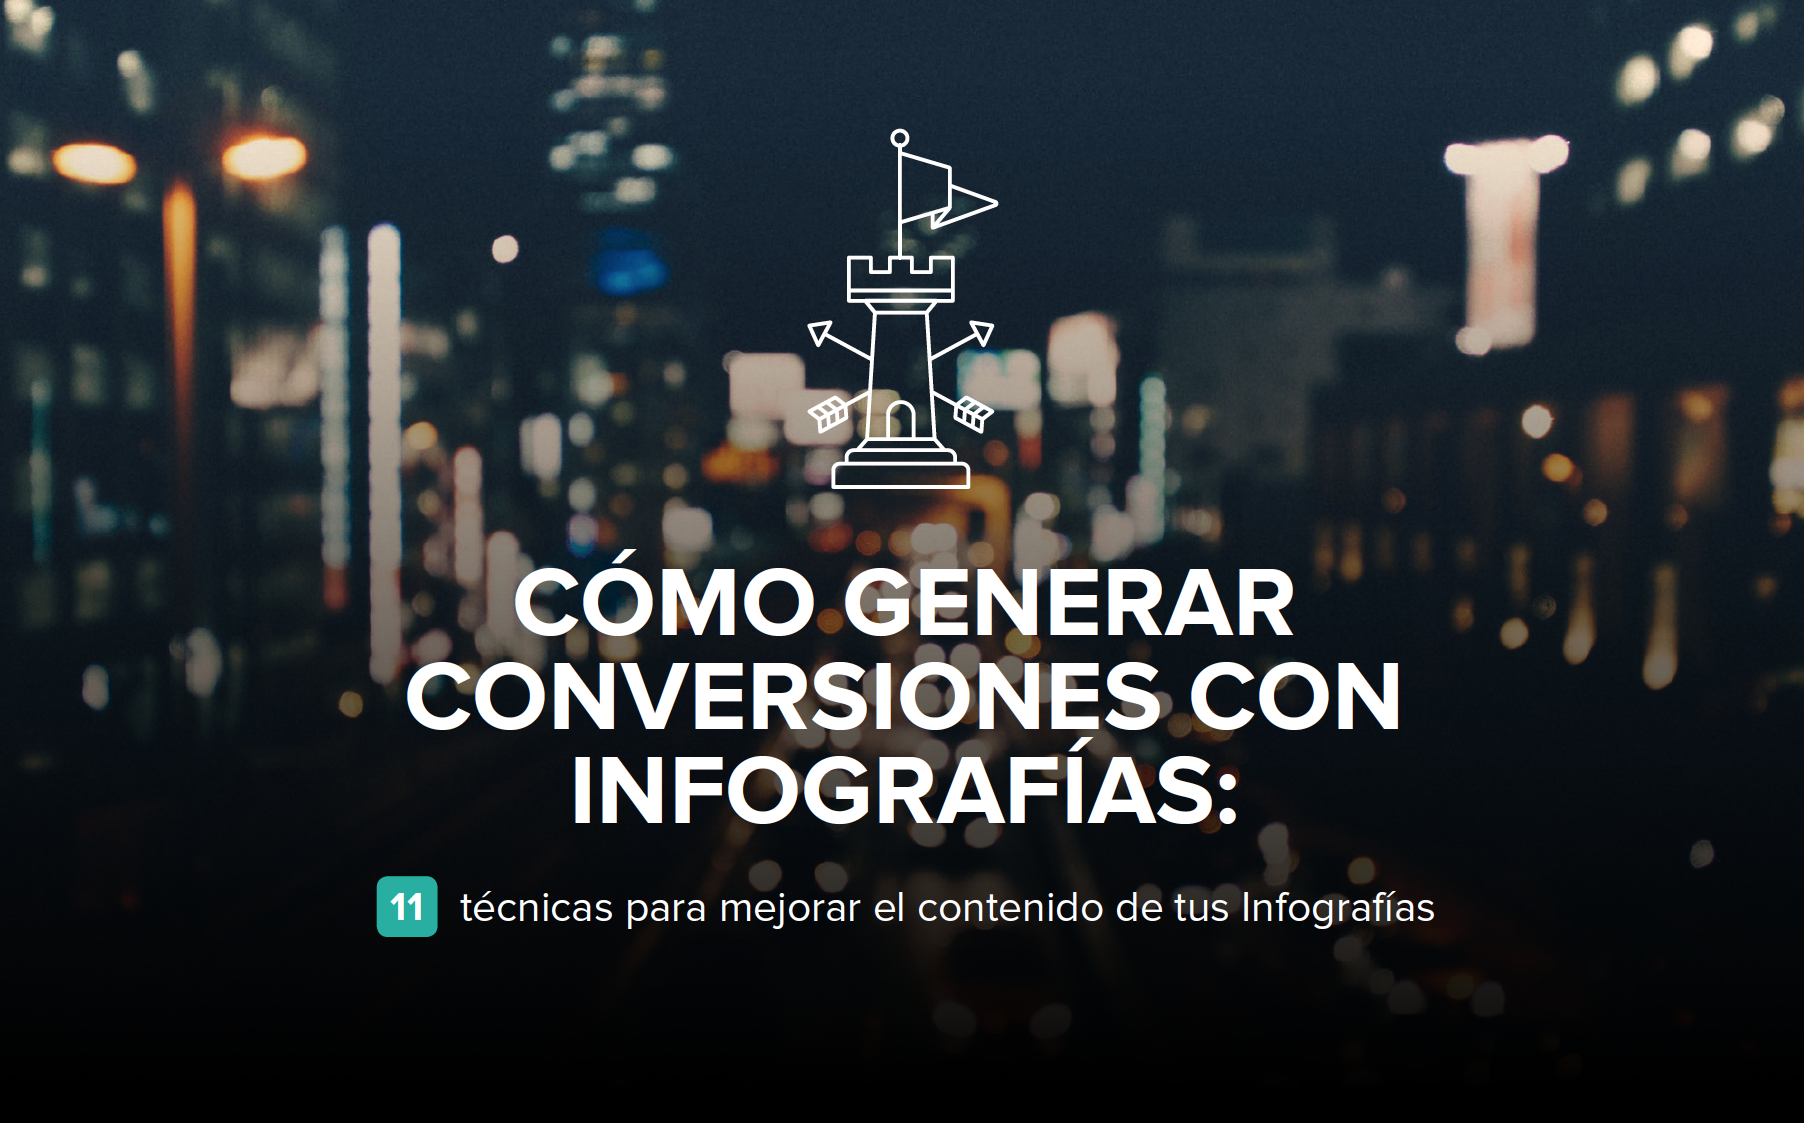 Como generar conversiones con infografias